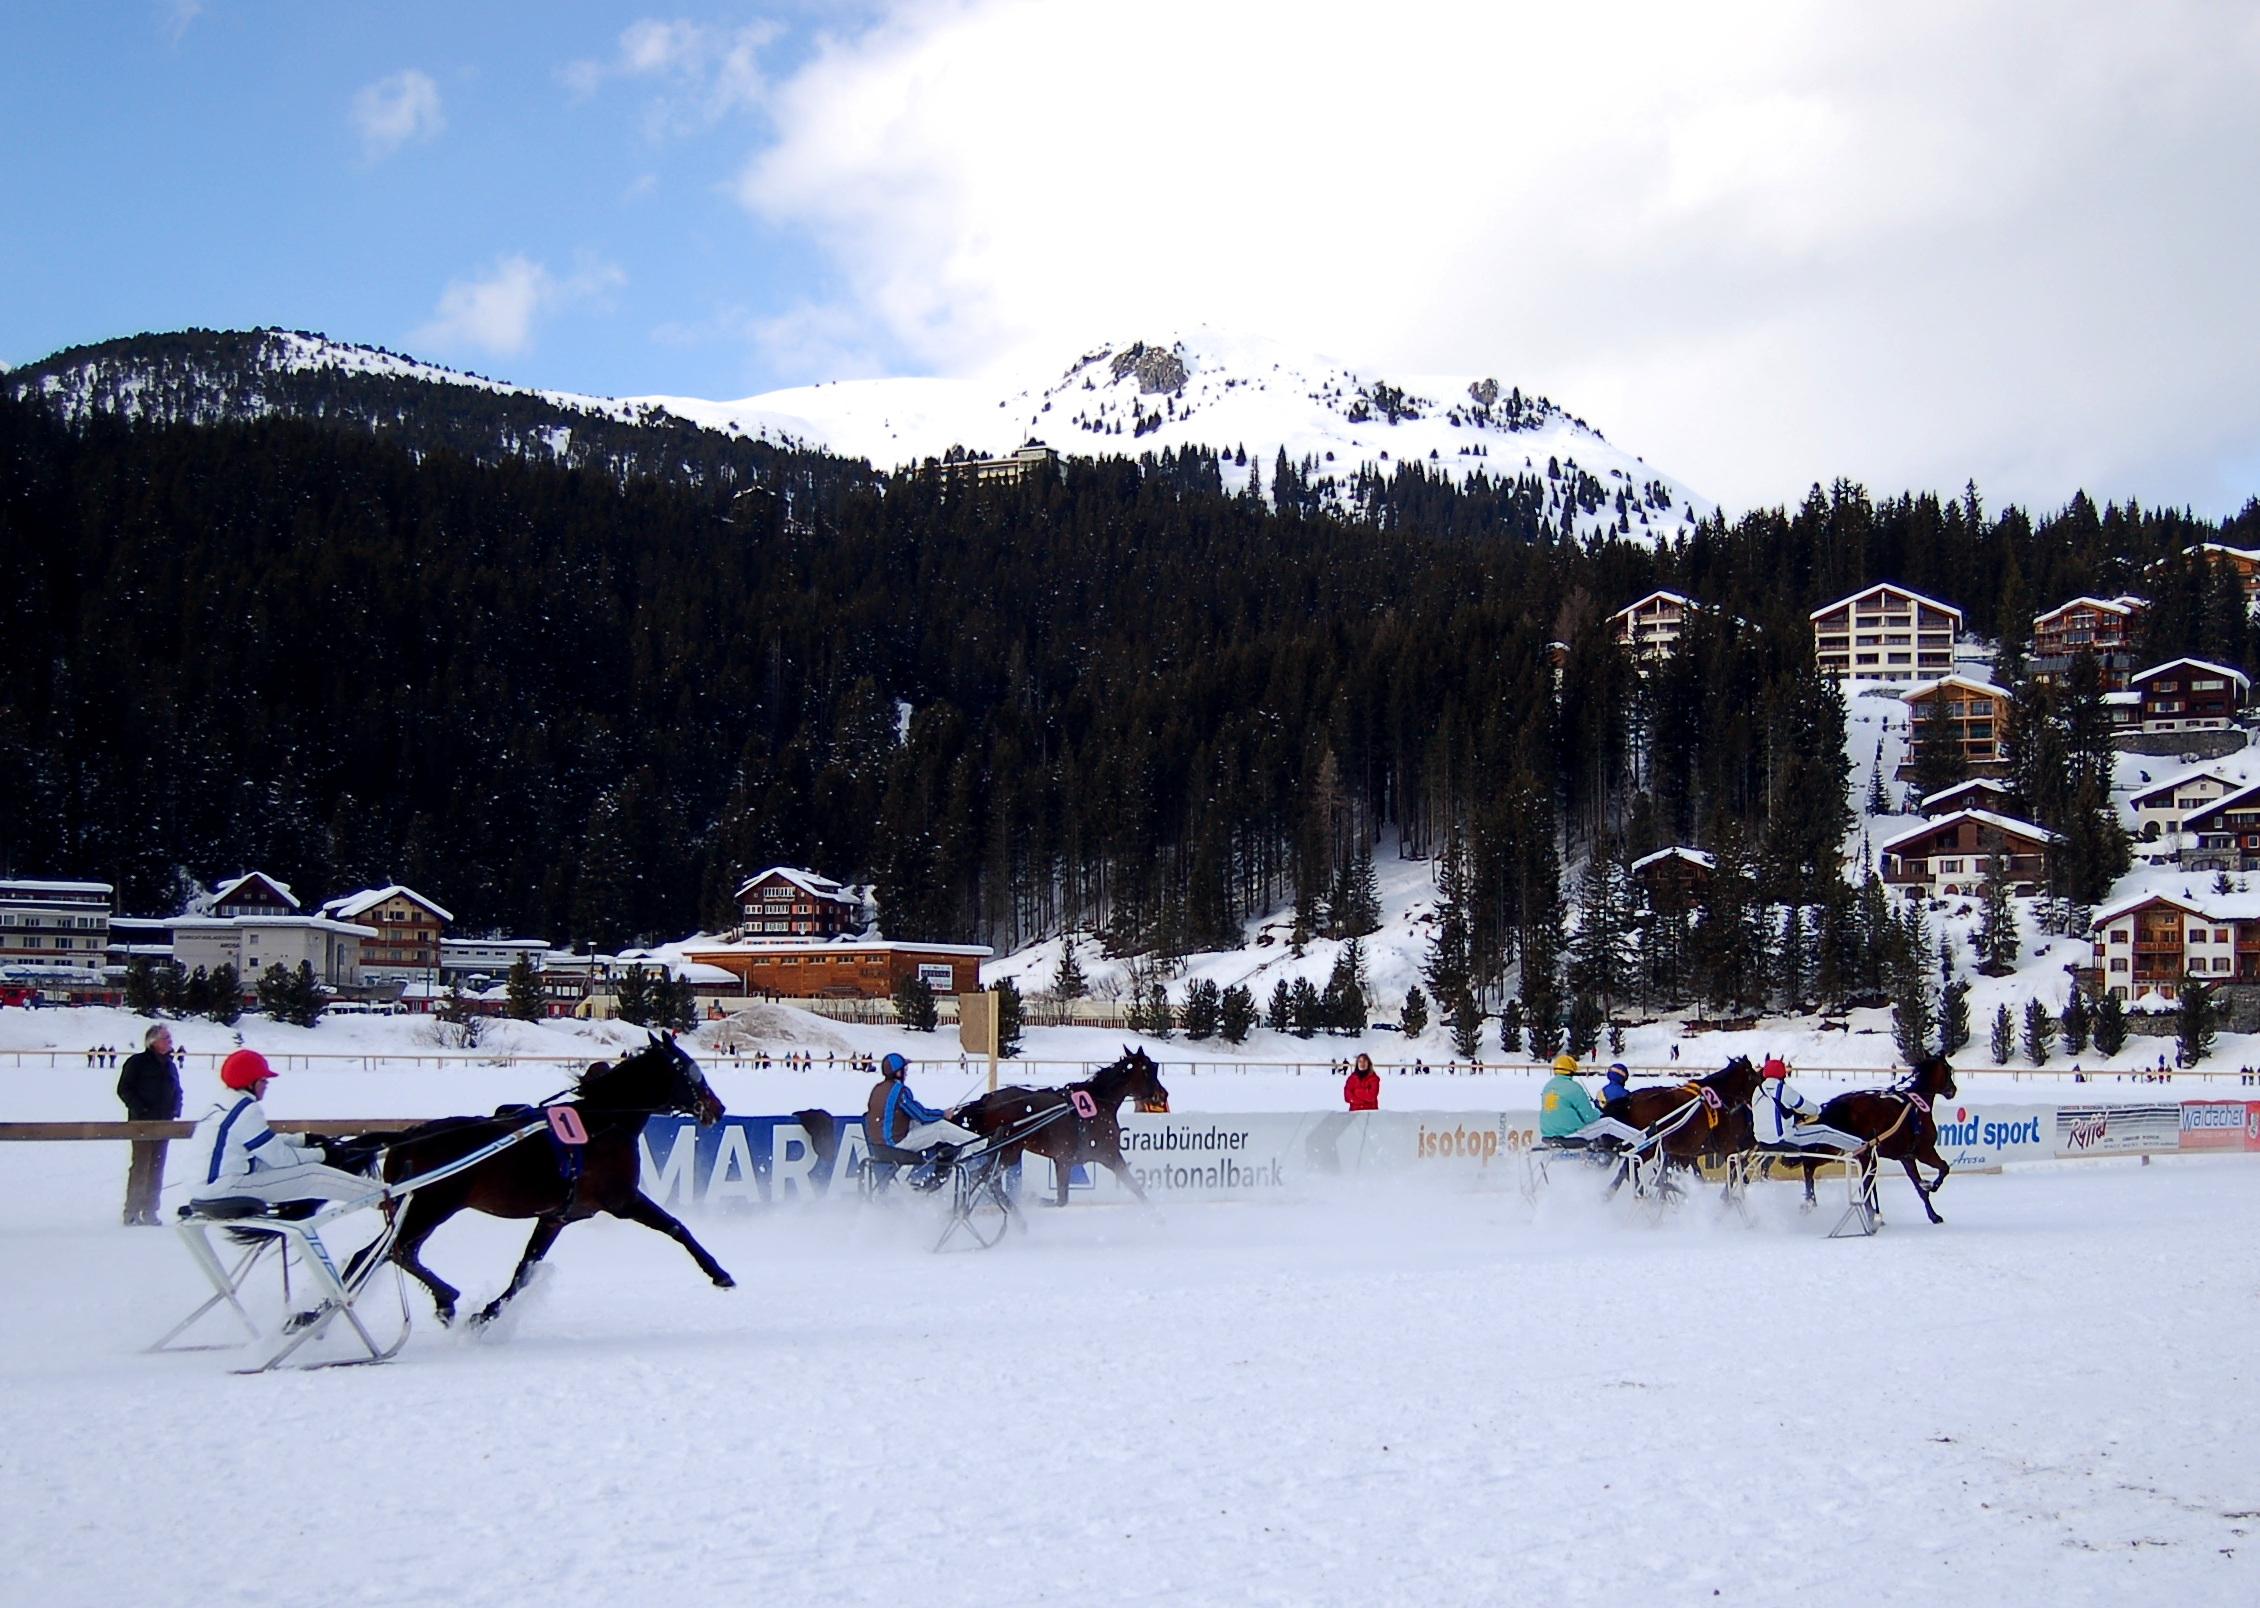 Pferderennen auf Schnee